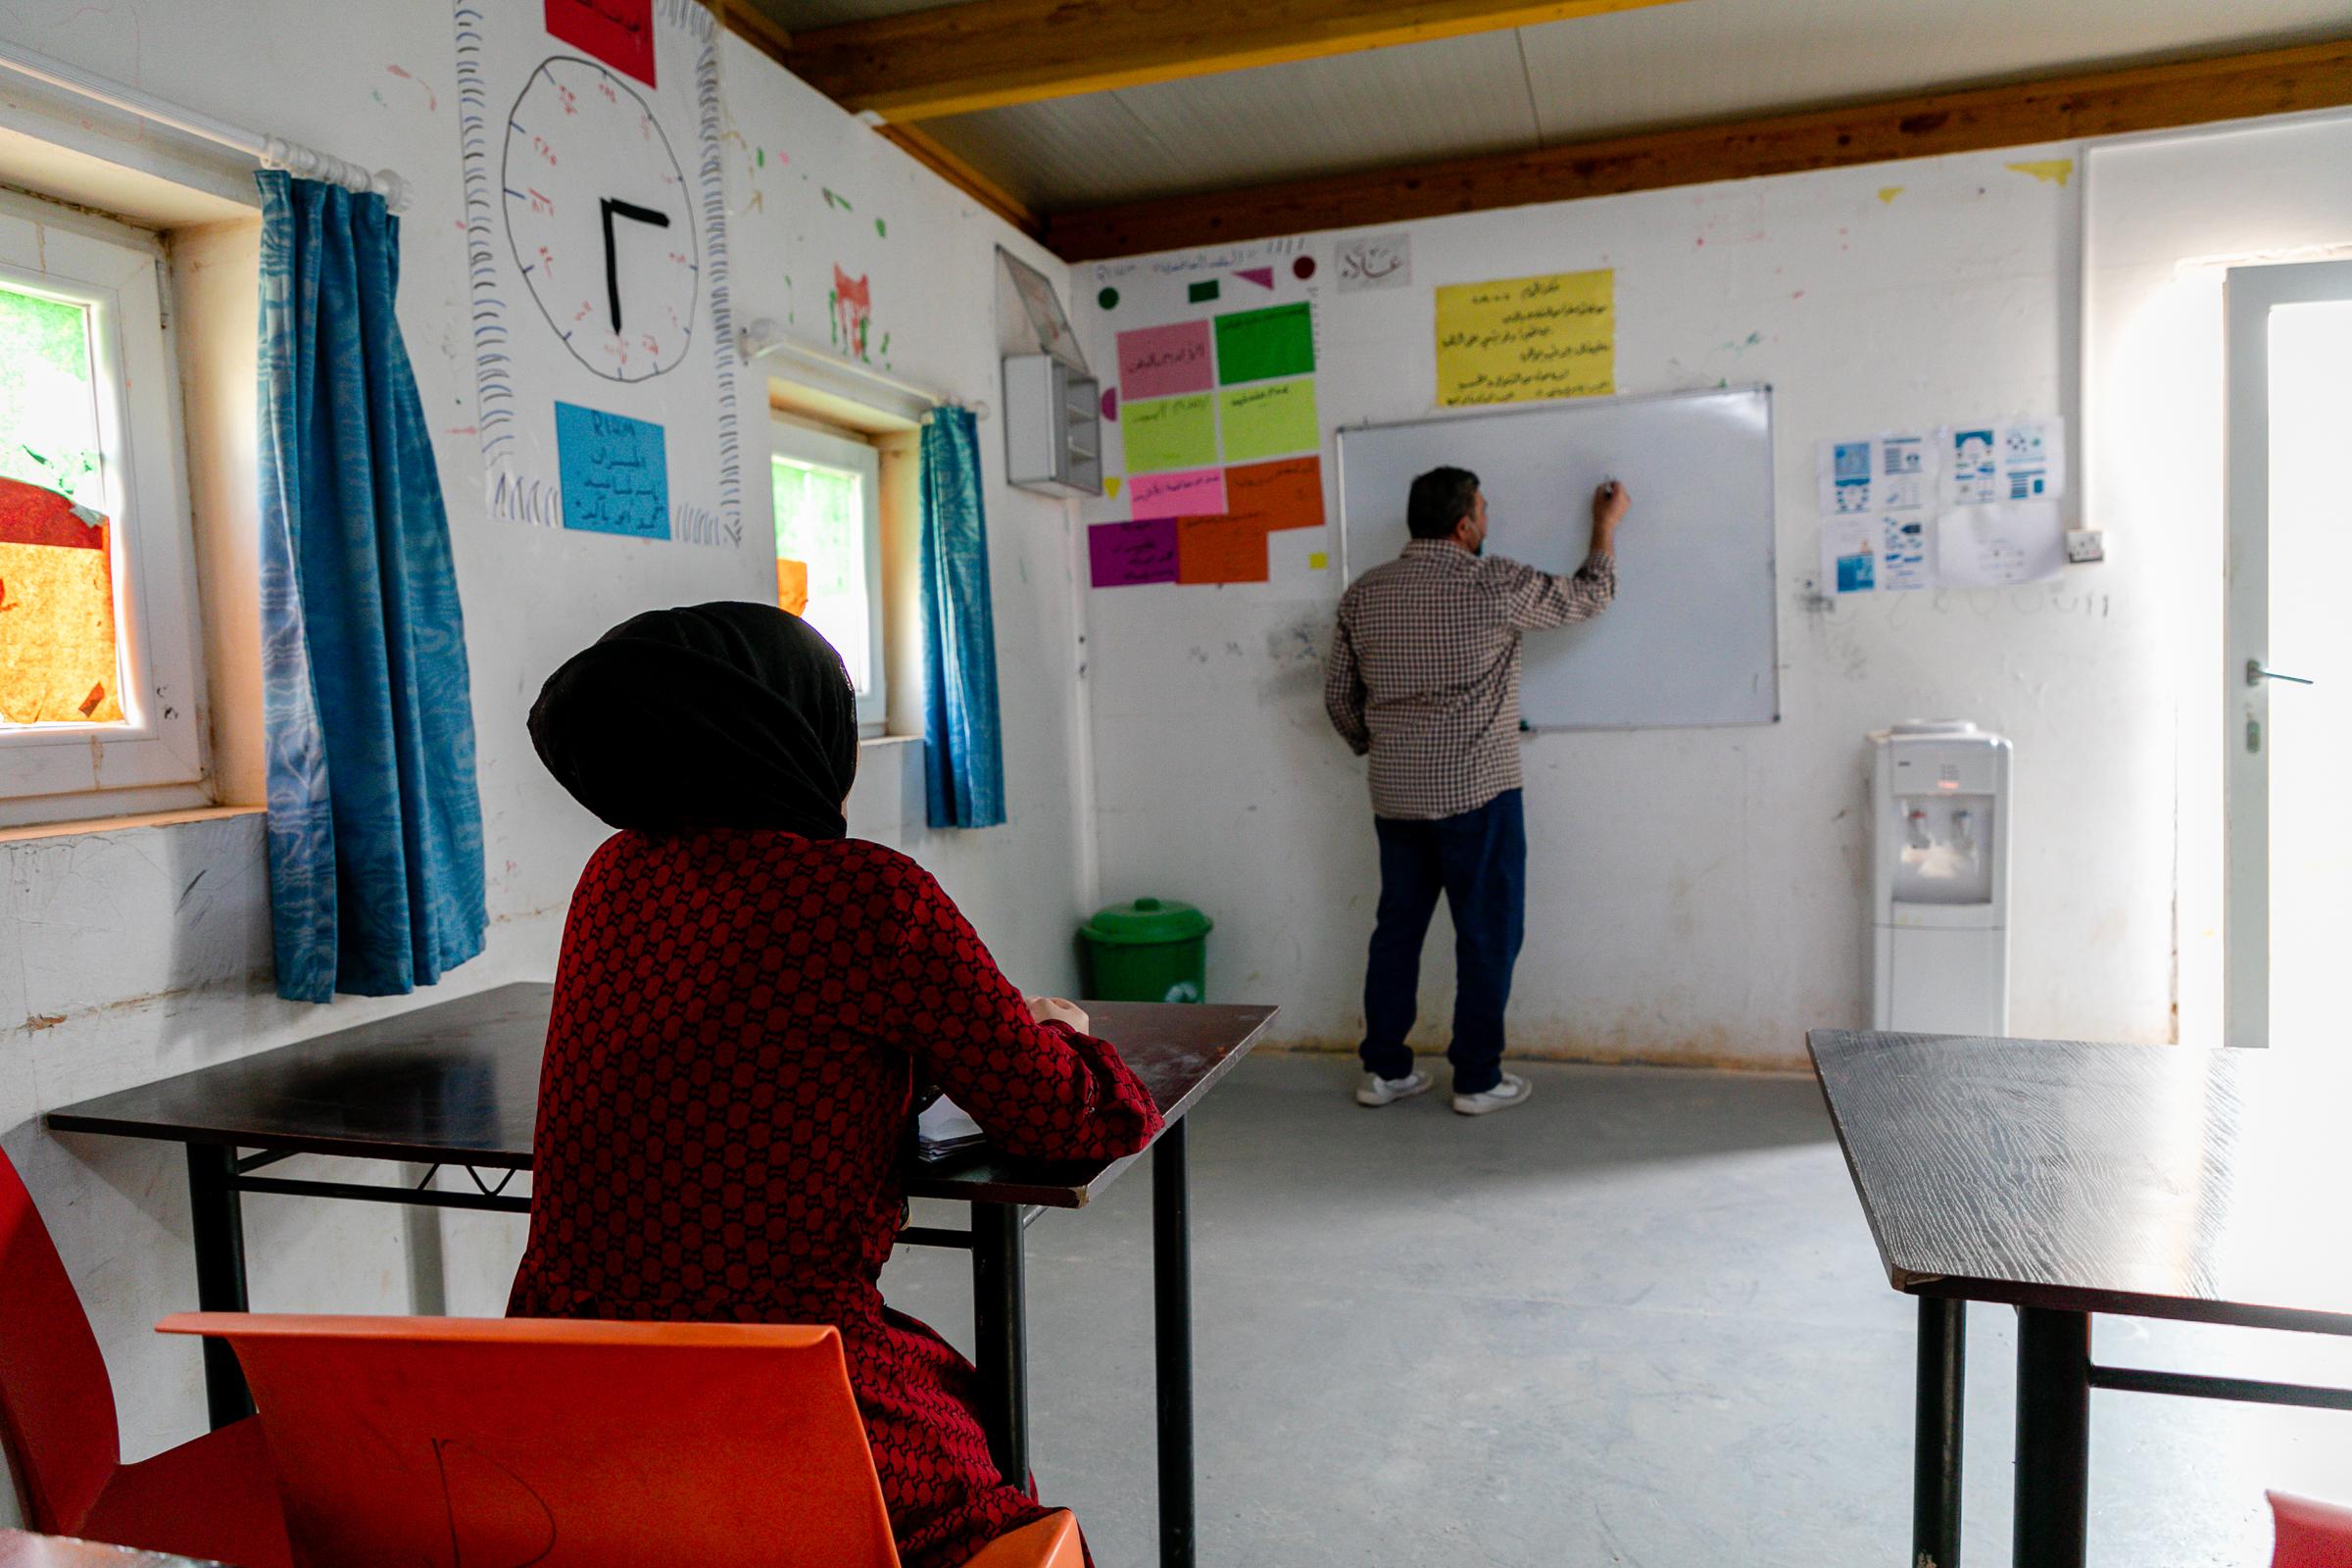 Iman-durring-her-class-in-RI-Center-in-Zaatari-camp-3.jpg